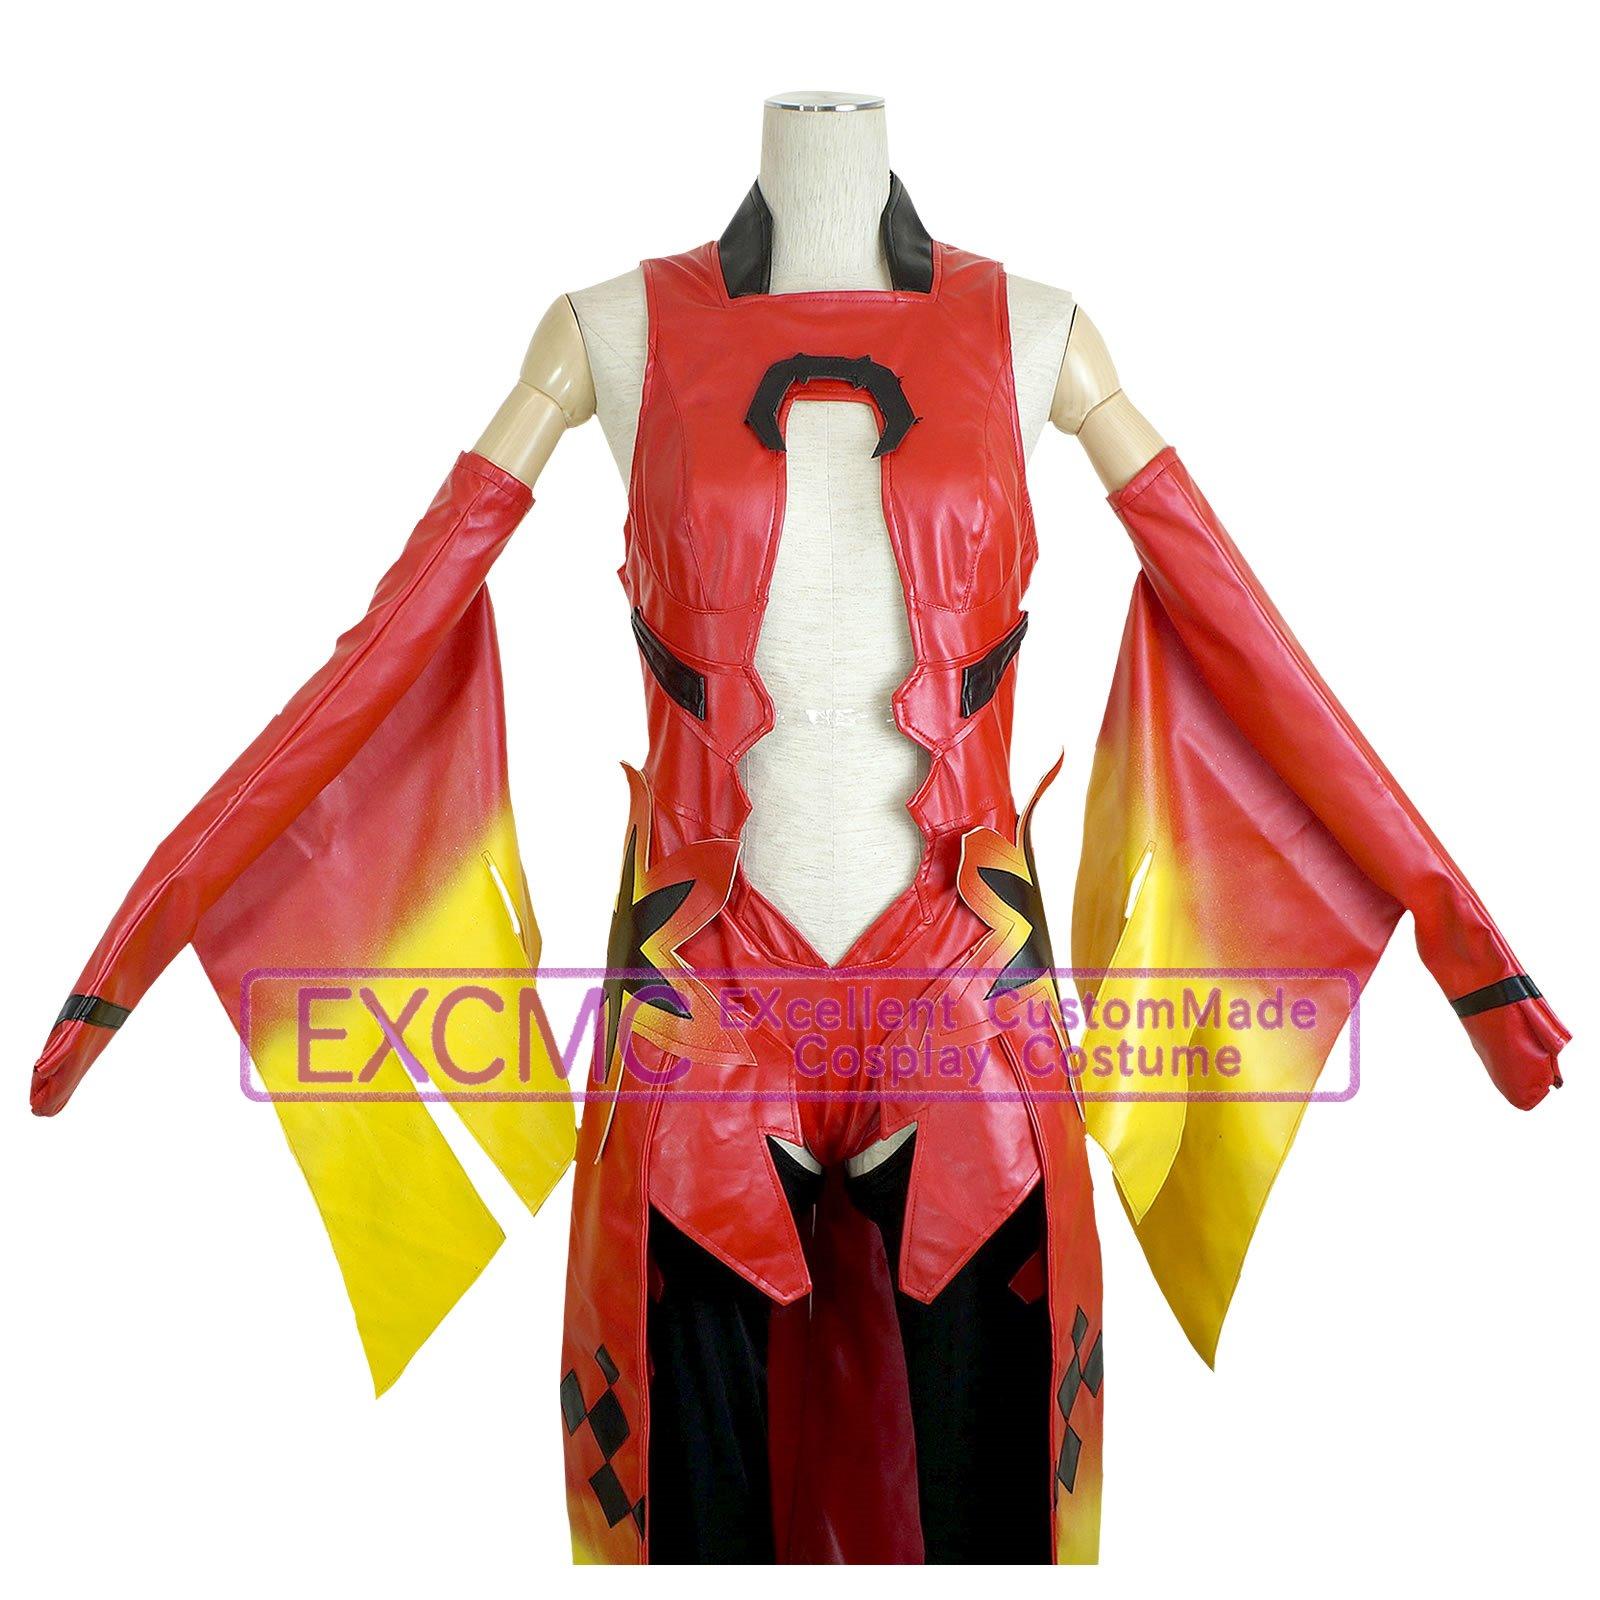 ギルティクラウン 楪いのり 金魚服 風 コスプレ衣装4